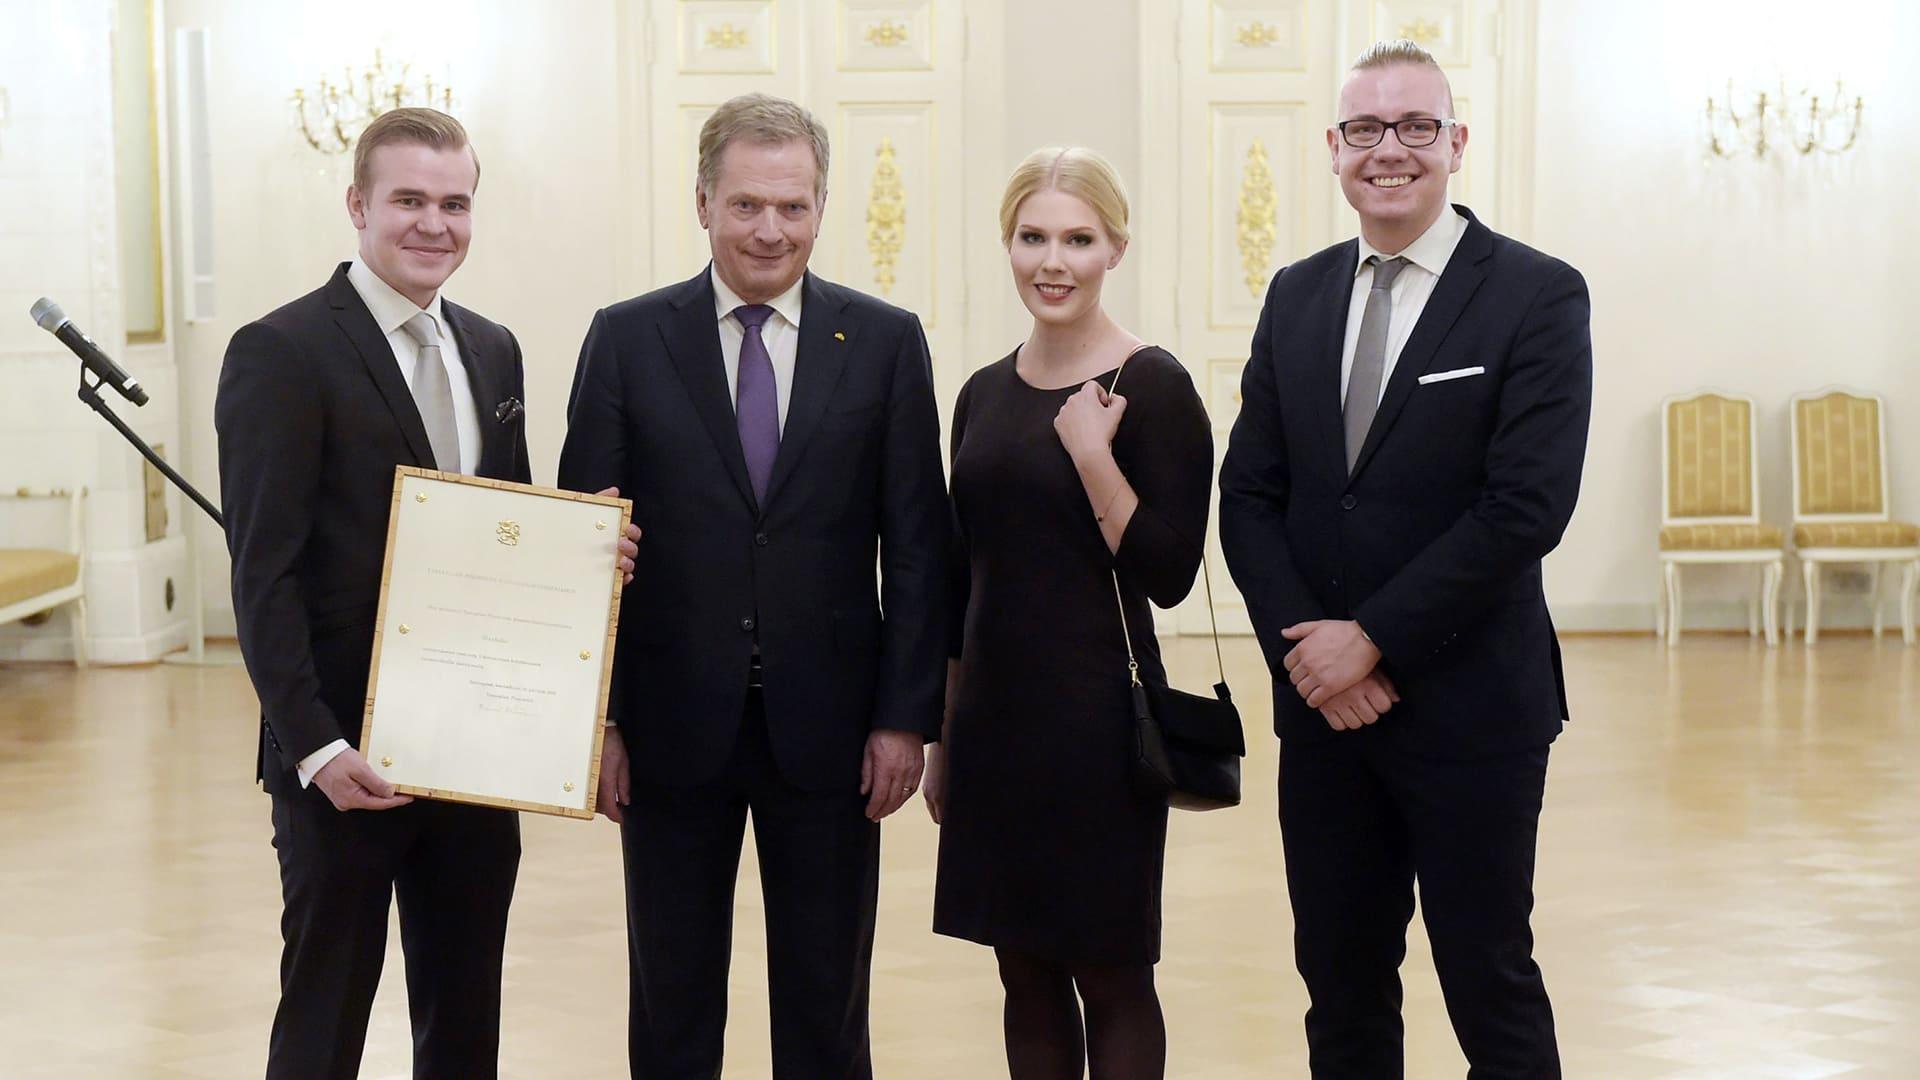 Slush sai tasavallan presidentti Sauli Niinistön jakaman kansainvälistymispalkinnon Helsingissä.